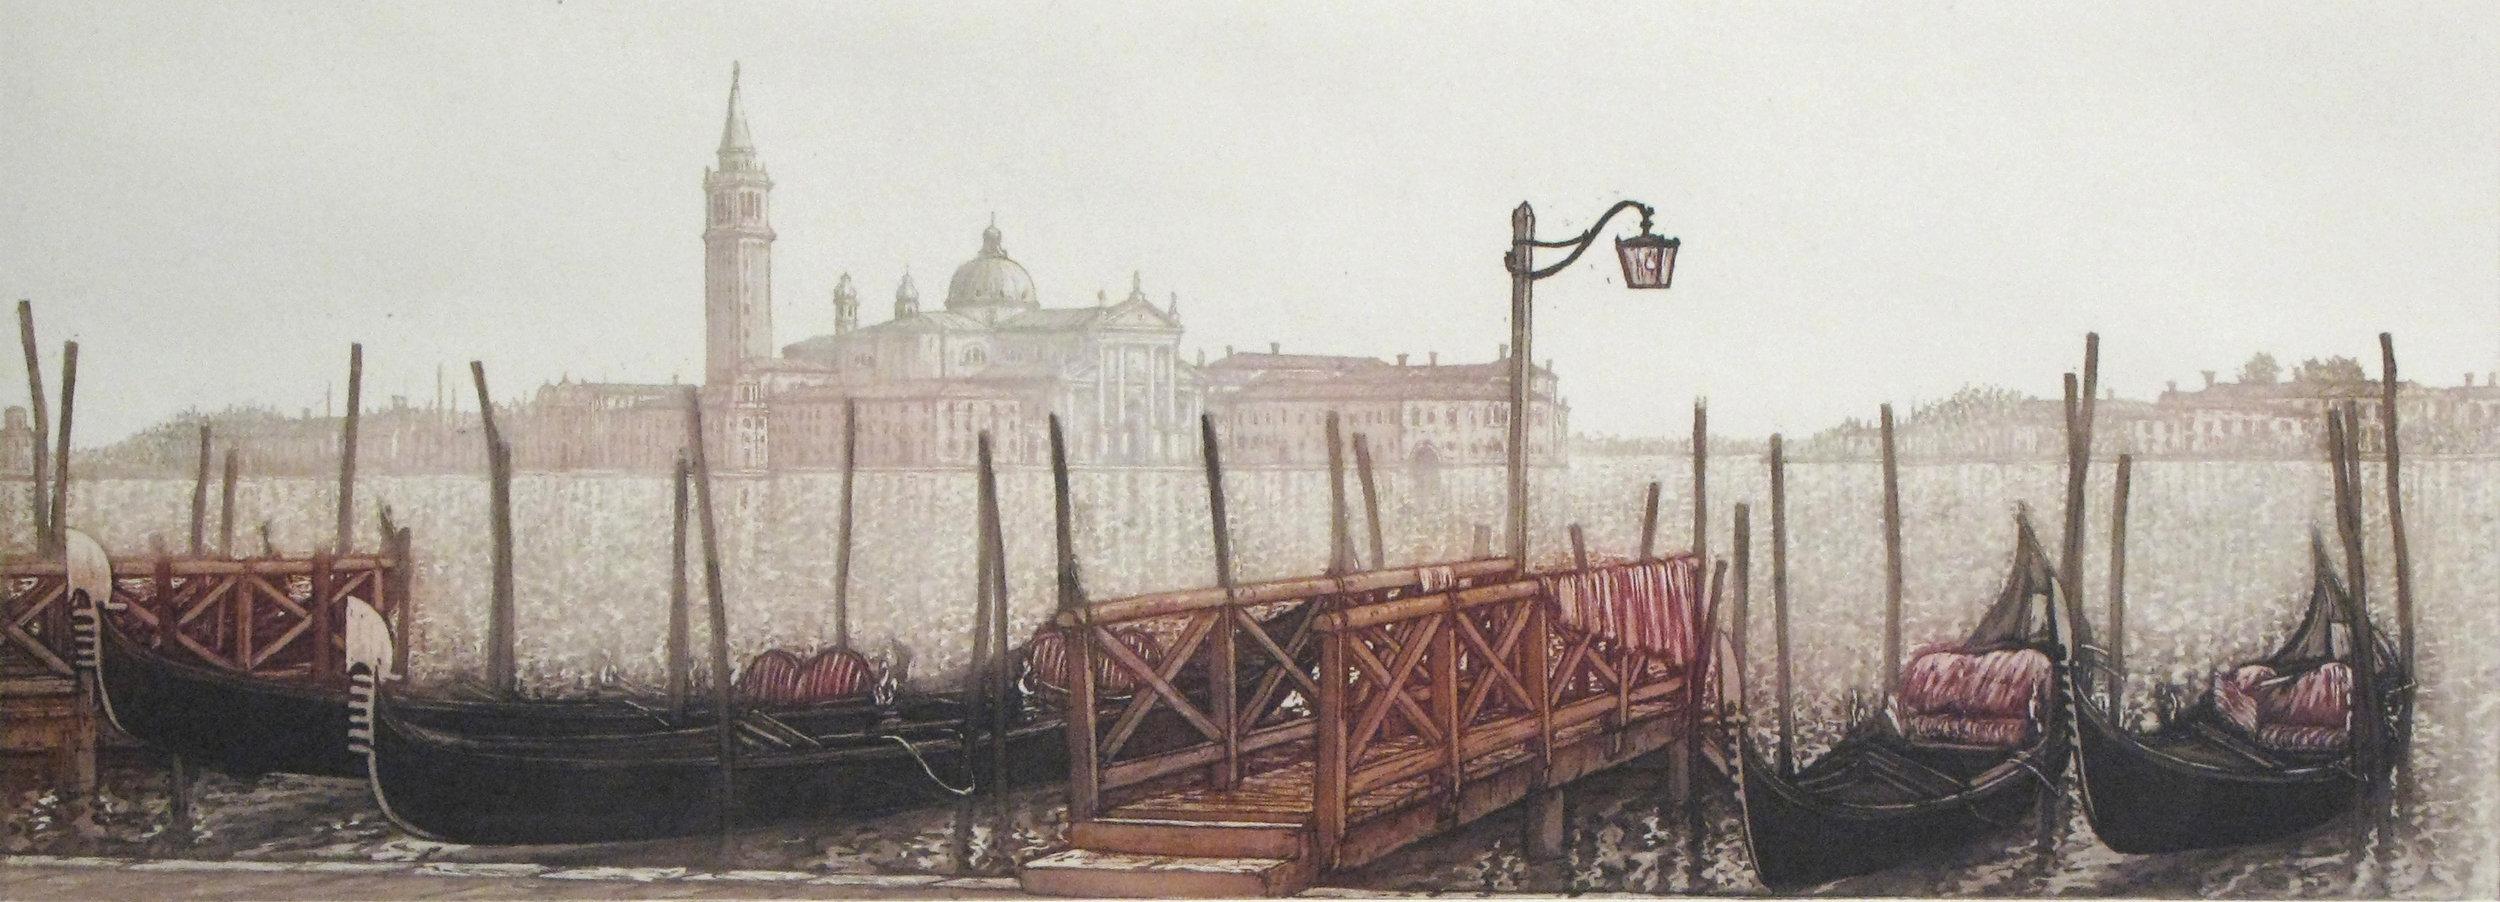 Venice XXXII